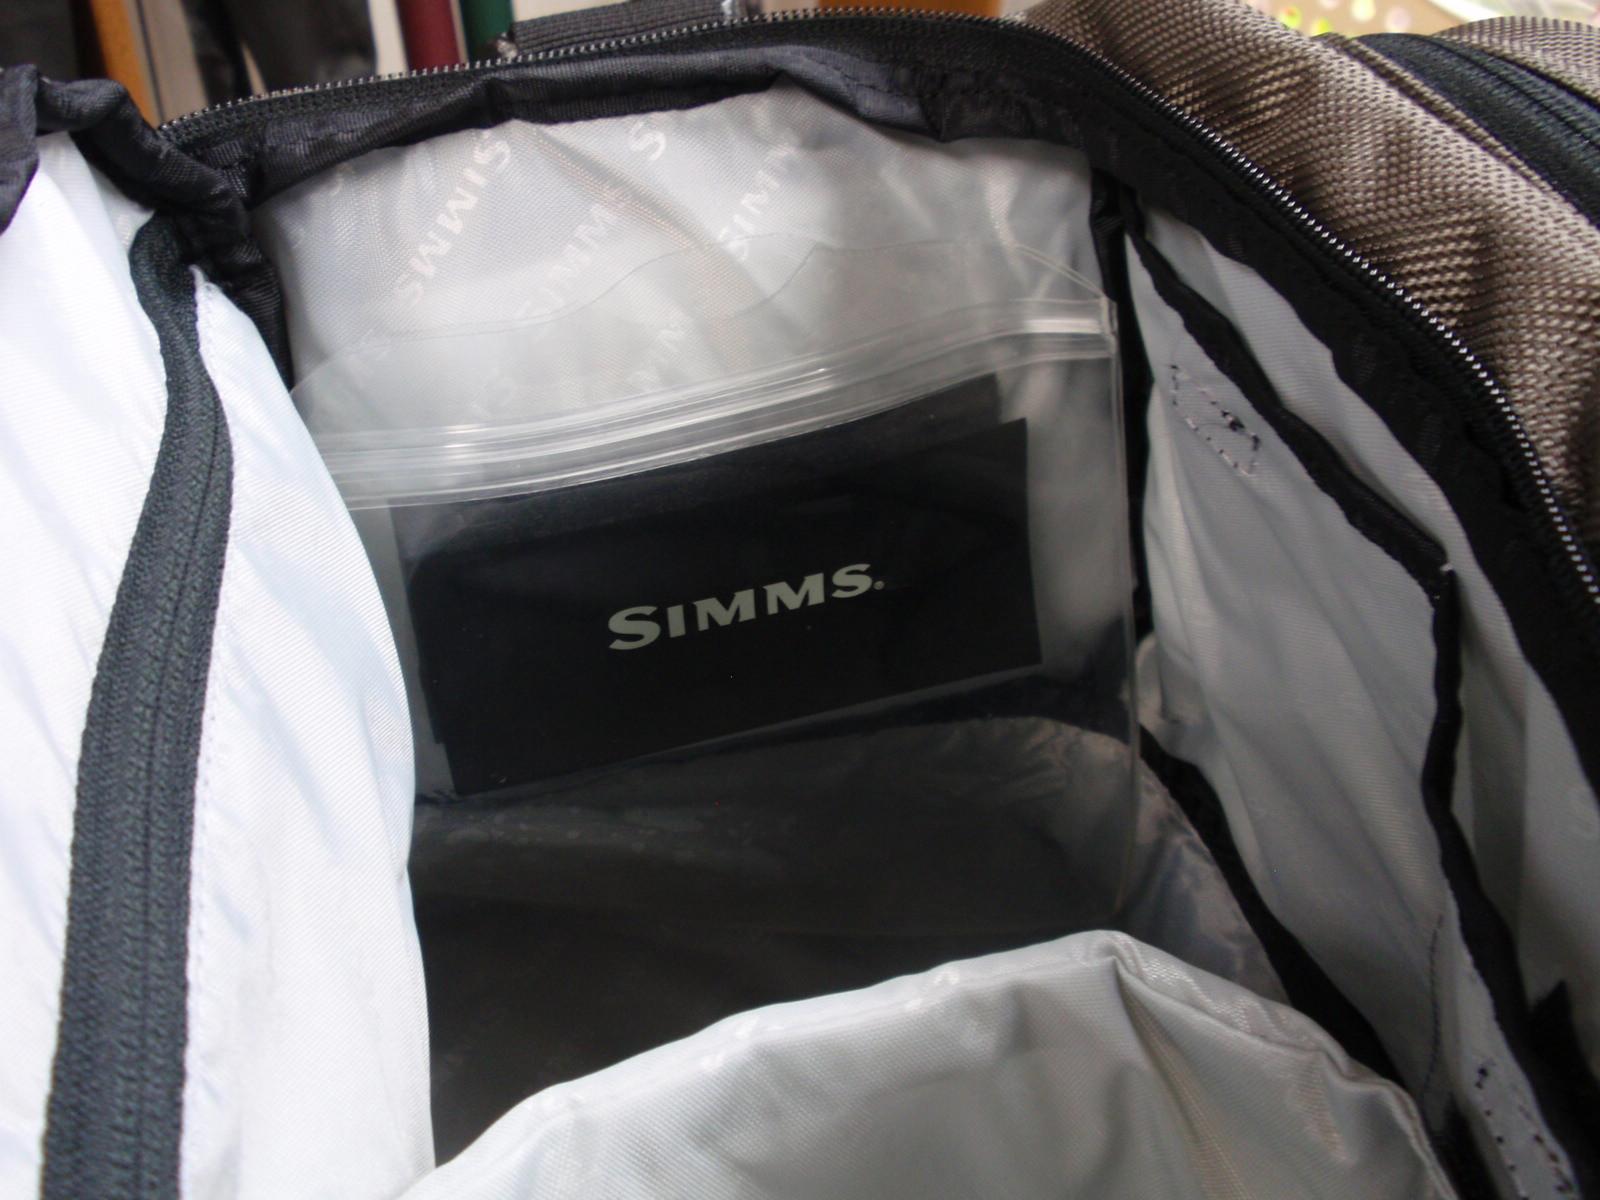 ・SIMMS_a0165135_23344438.jpg